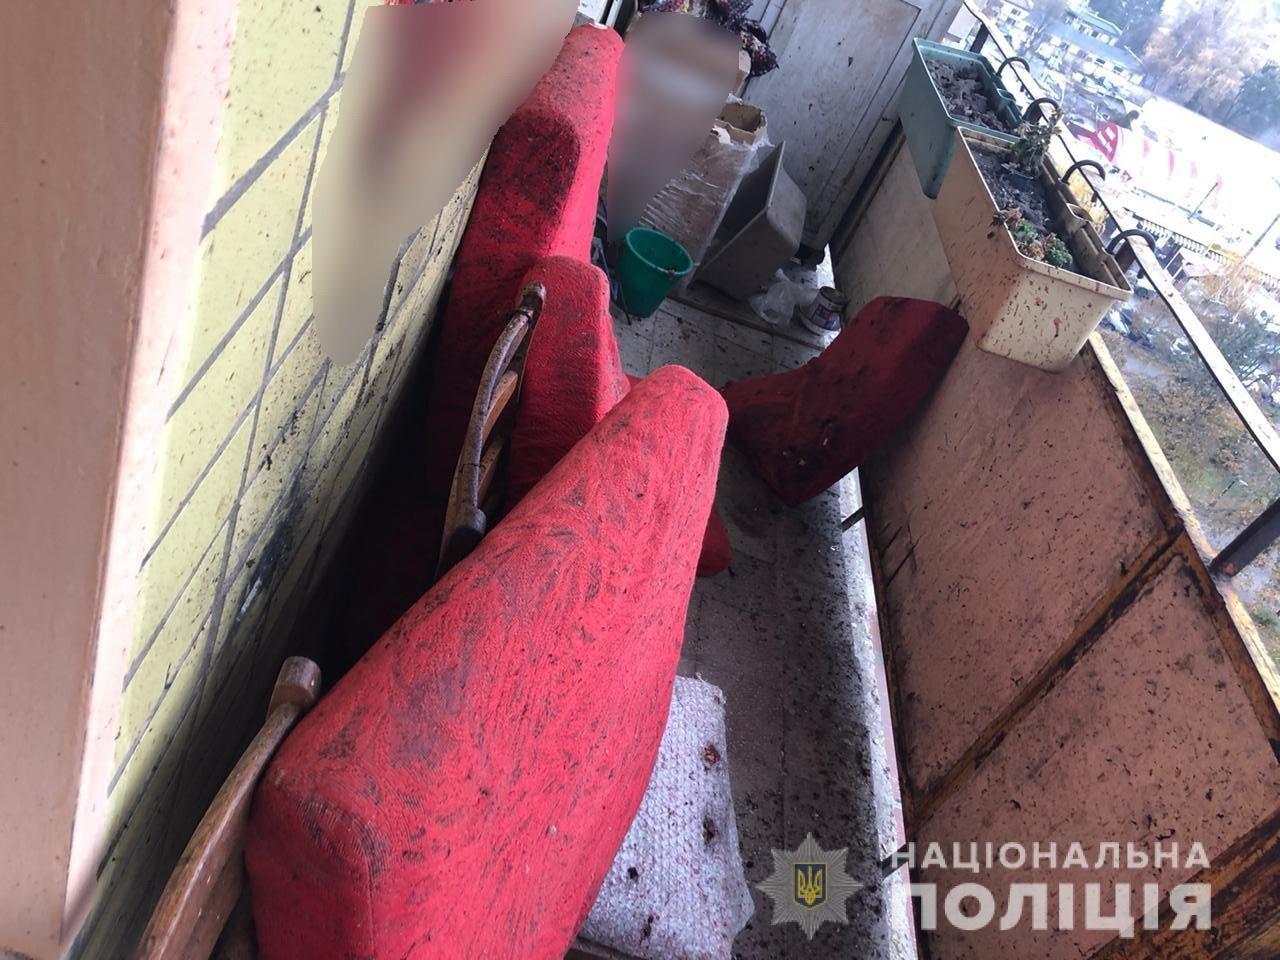 Тело нашла бабушка: в Харькове мужчина подорвал себя гранатой, - ФОТО, фото-1